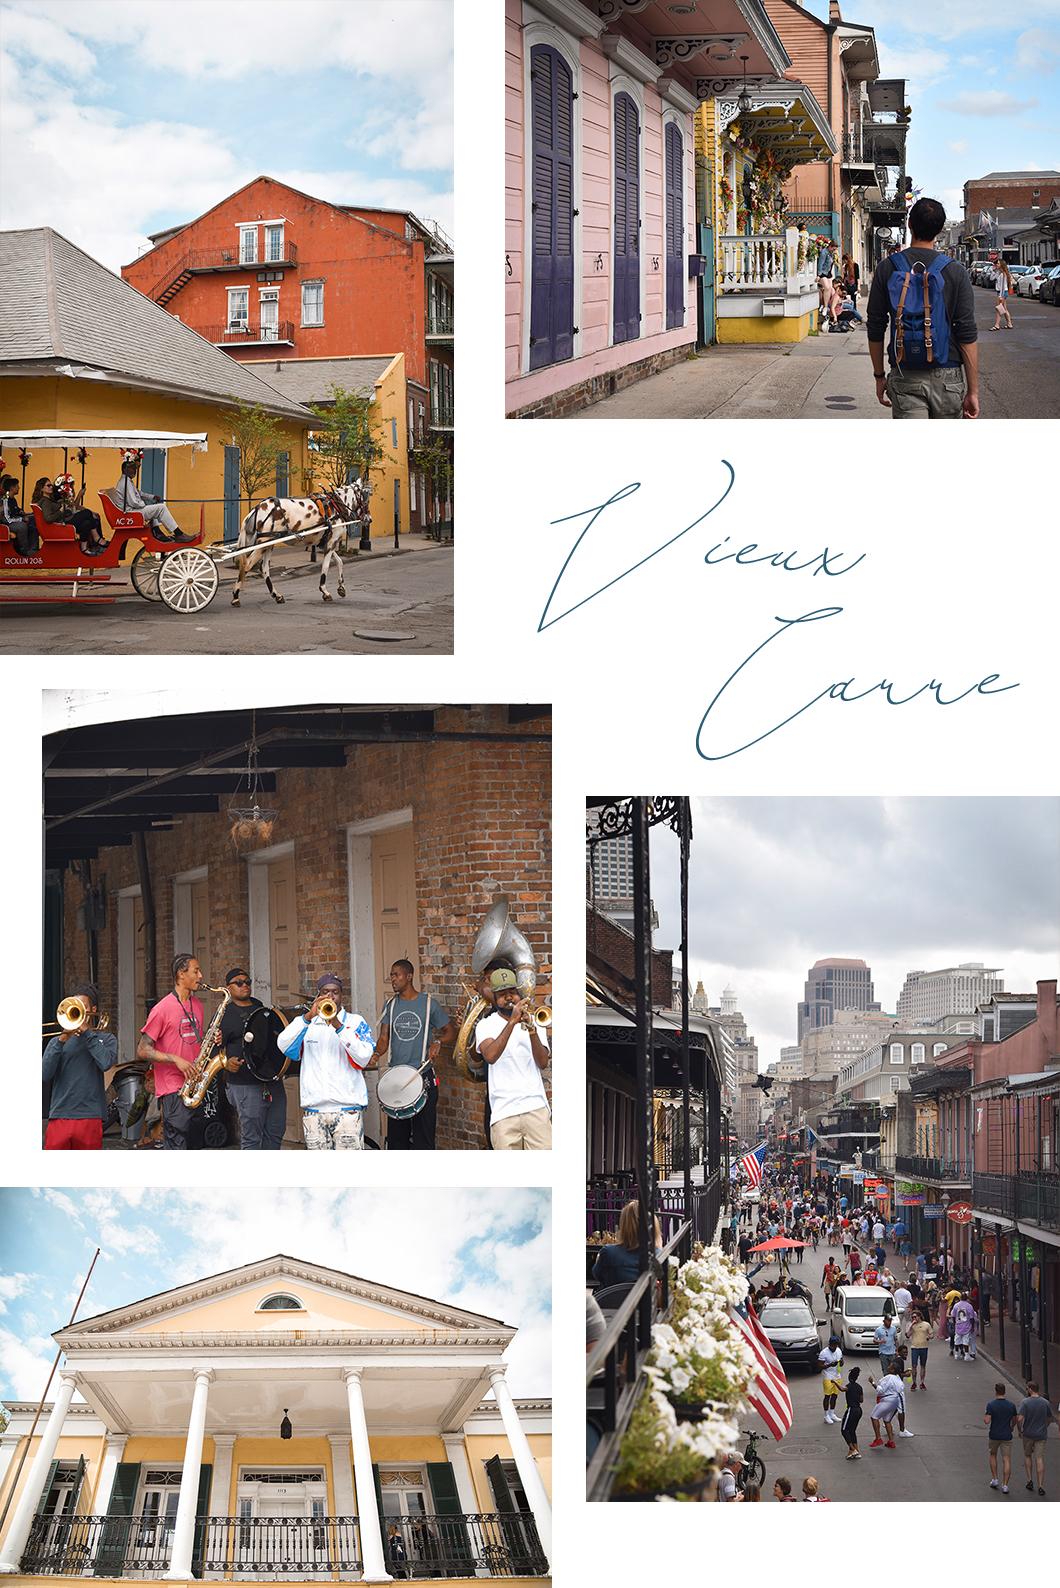 Vieux Carré, le quartier français de la Nouvelle Orléans